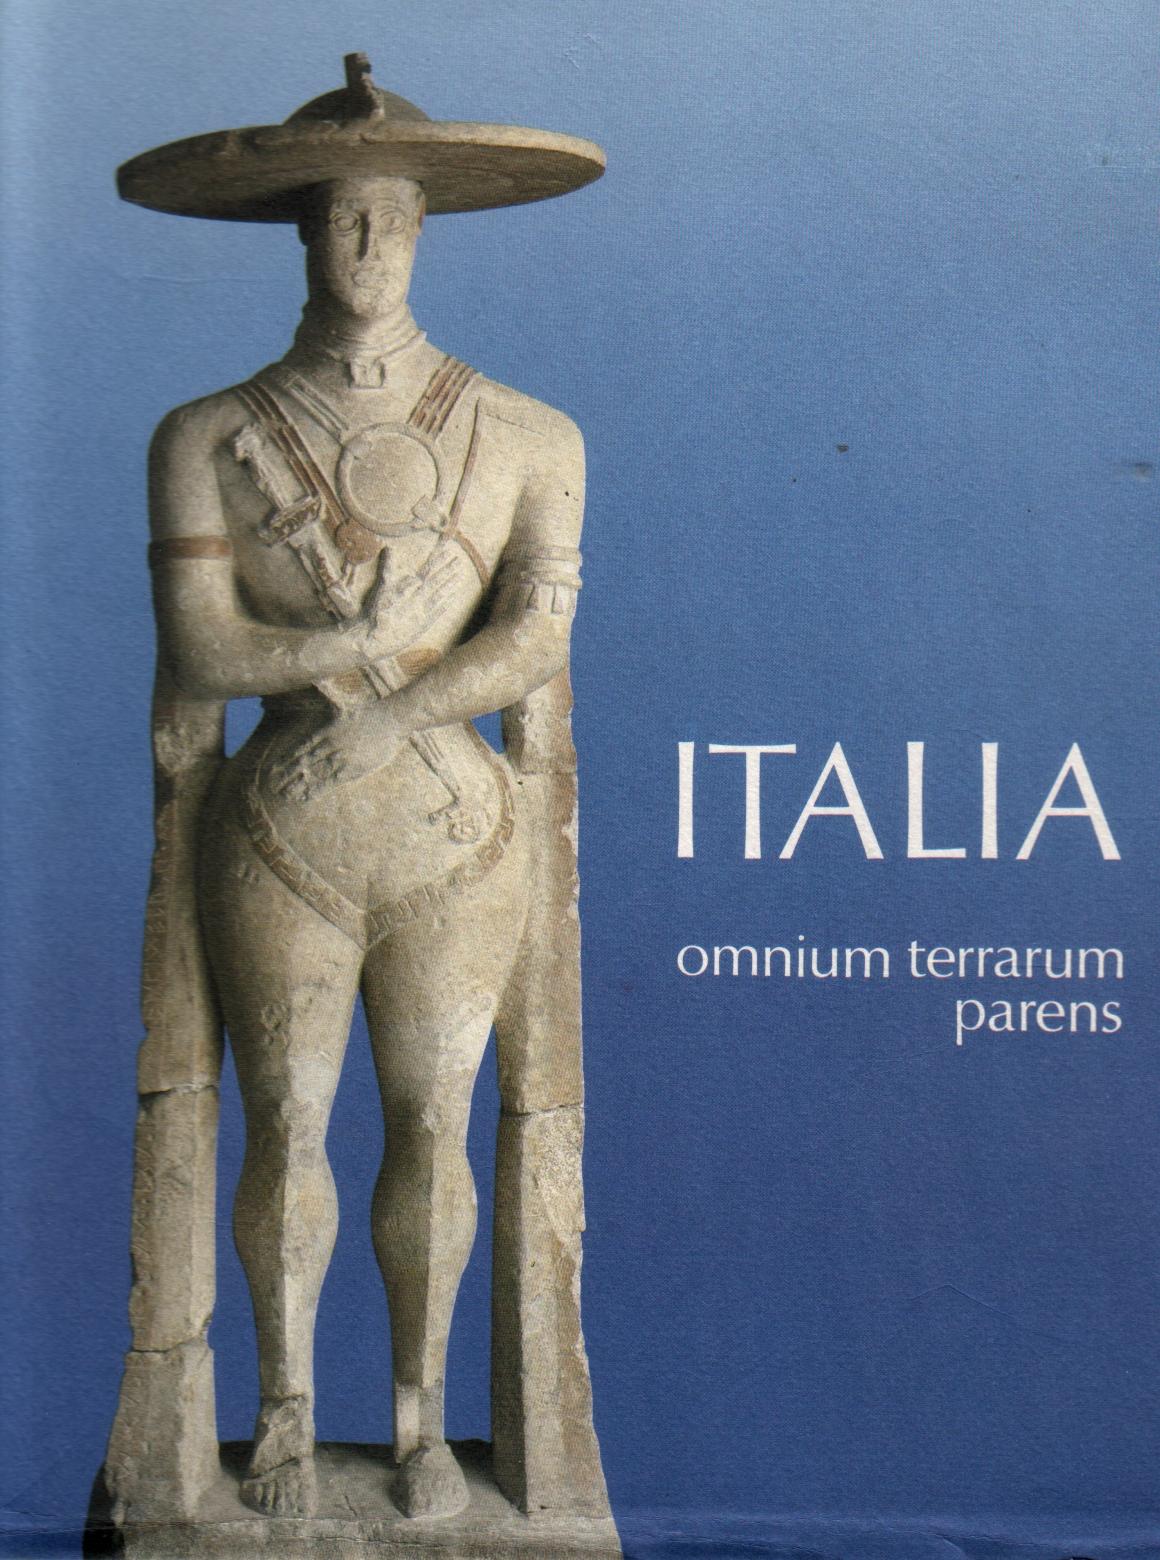 Italia omnium terrarum parens